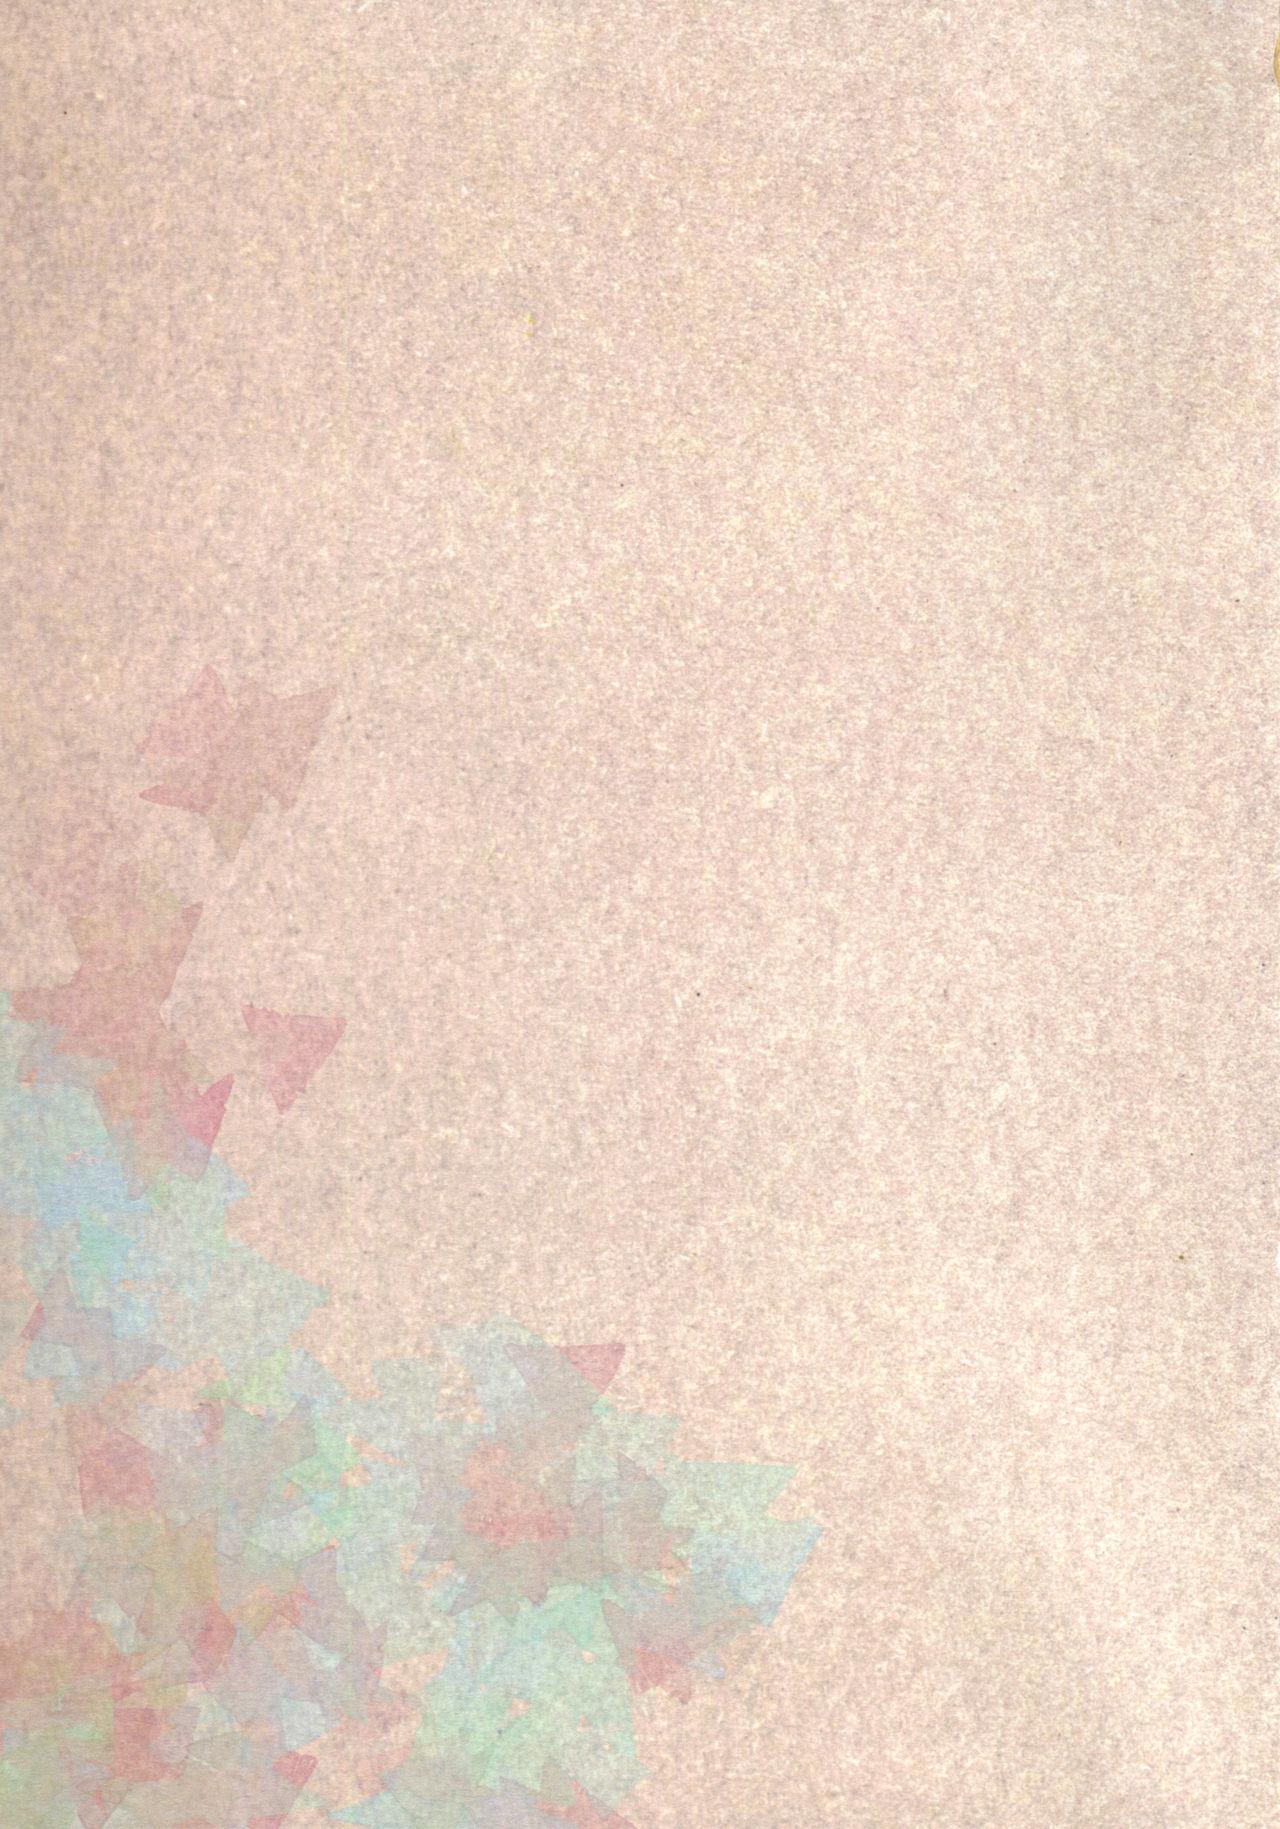 Hajimete no xxx 22